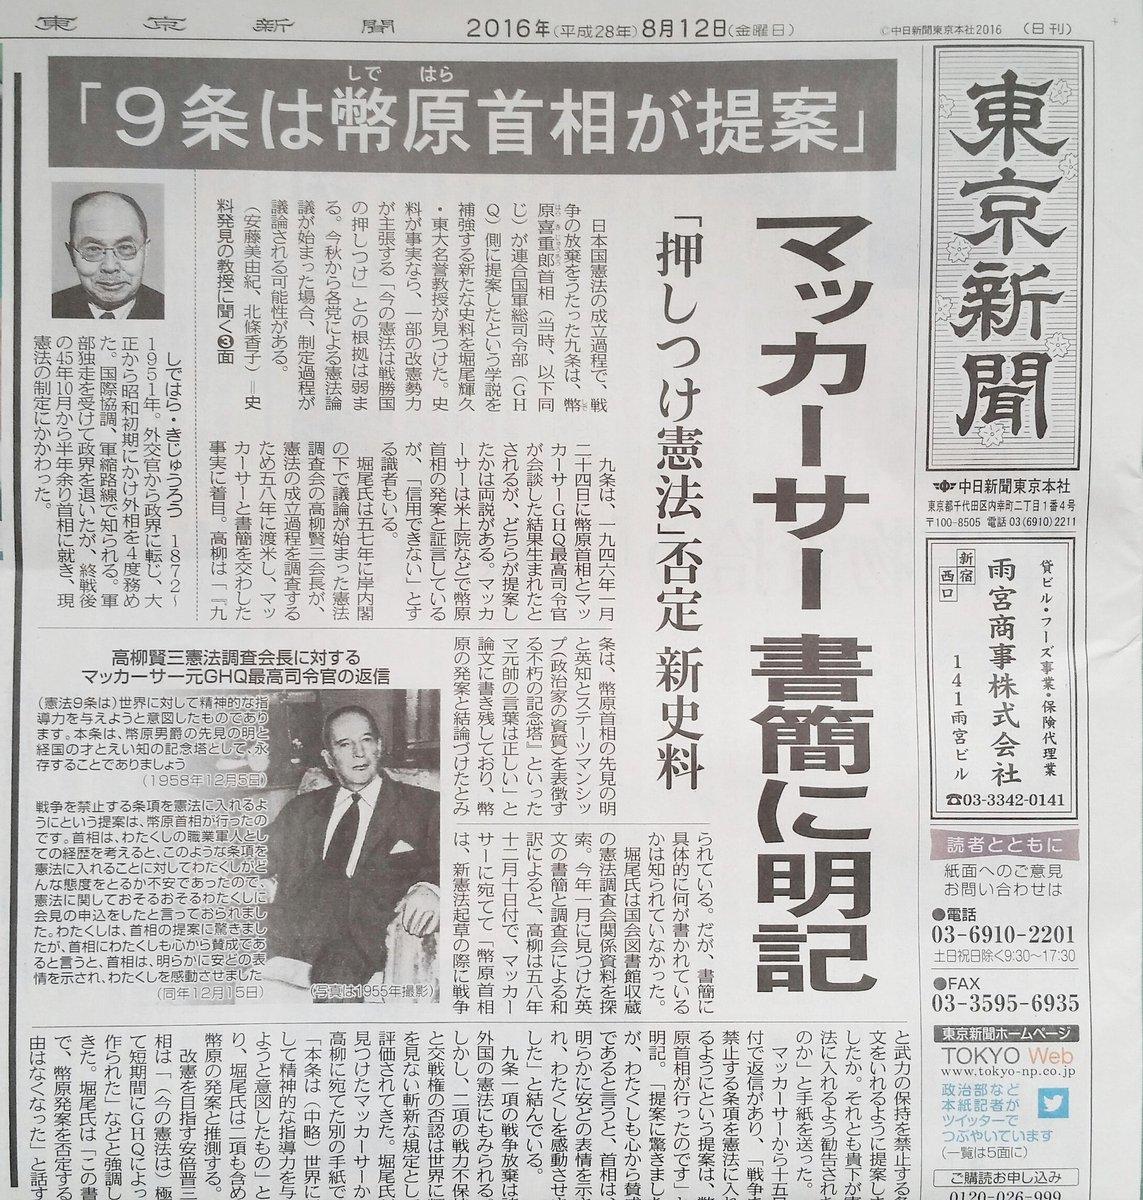 私は以前から申しておりました。日本国憲法はGHQの押し付けなどではないと。マッカーサーの書簡という新たな史料が出てきたのでございます。 https://t.co/3Cjr2MH9e4